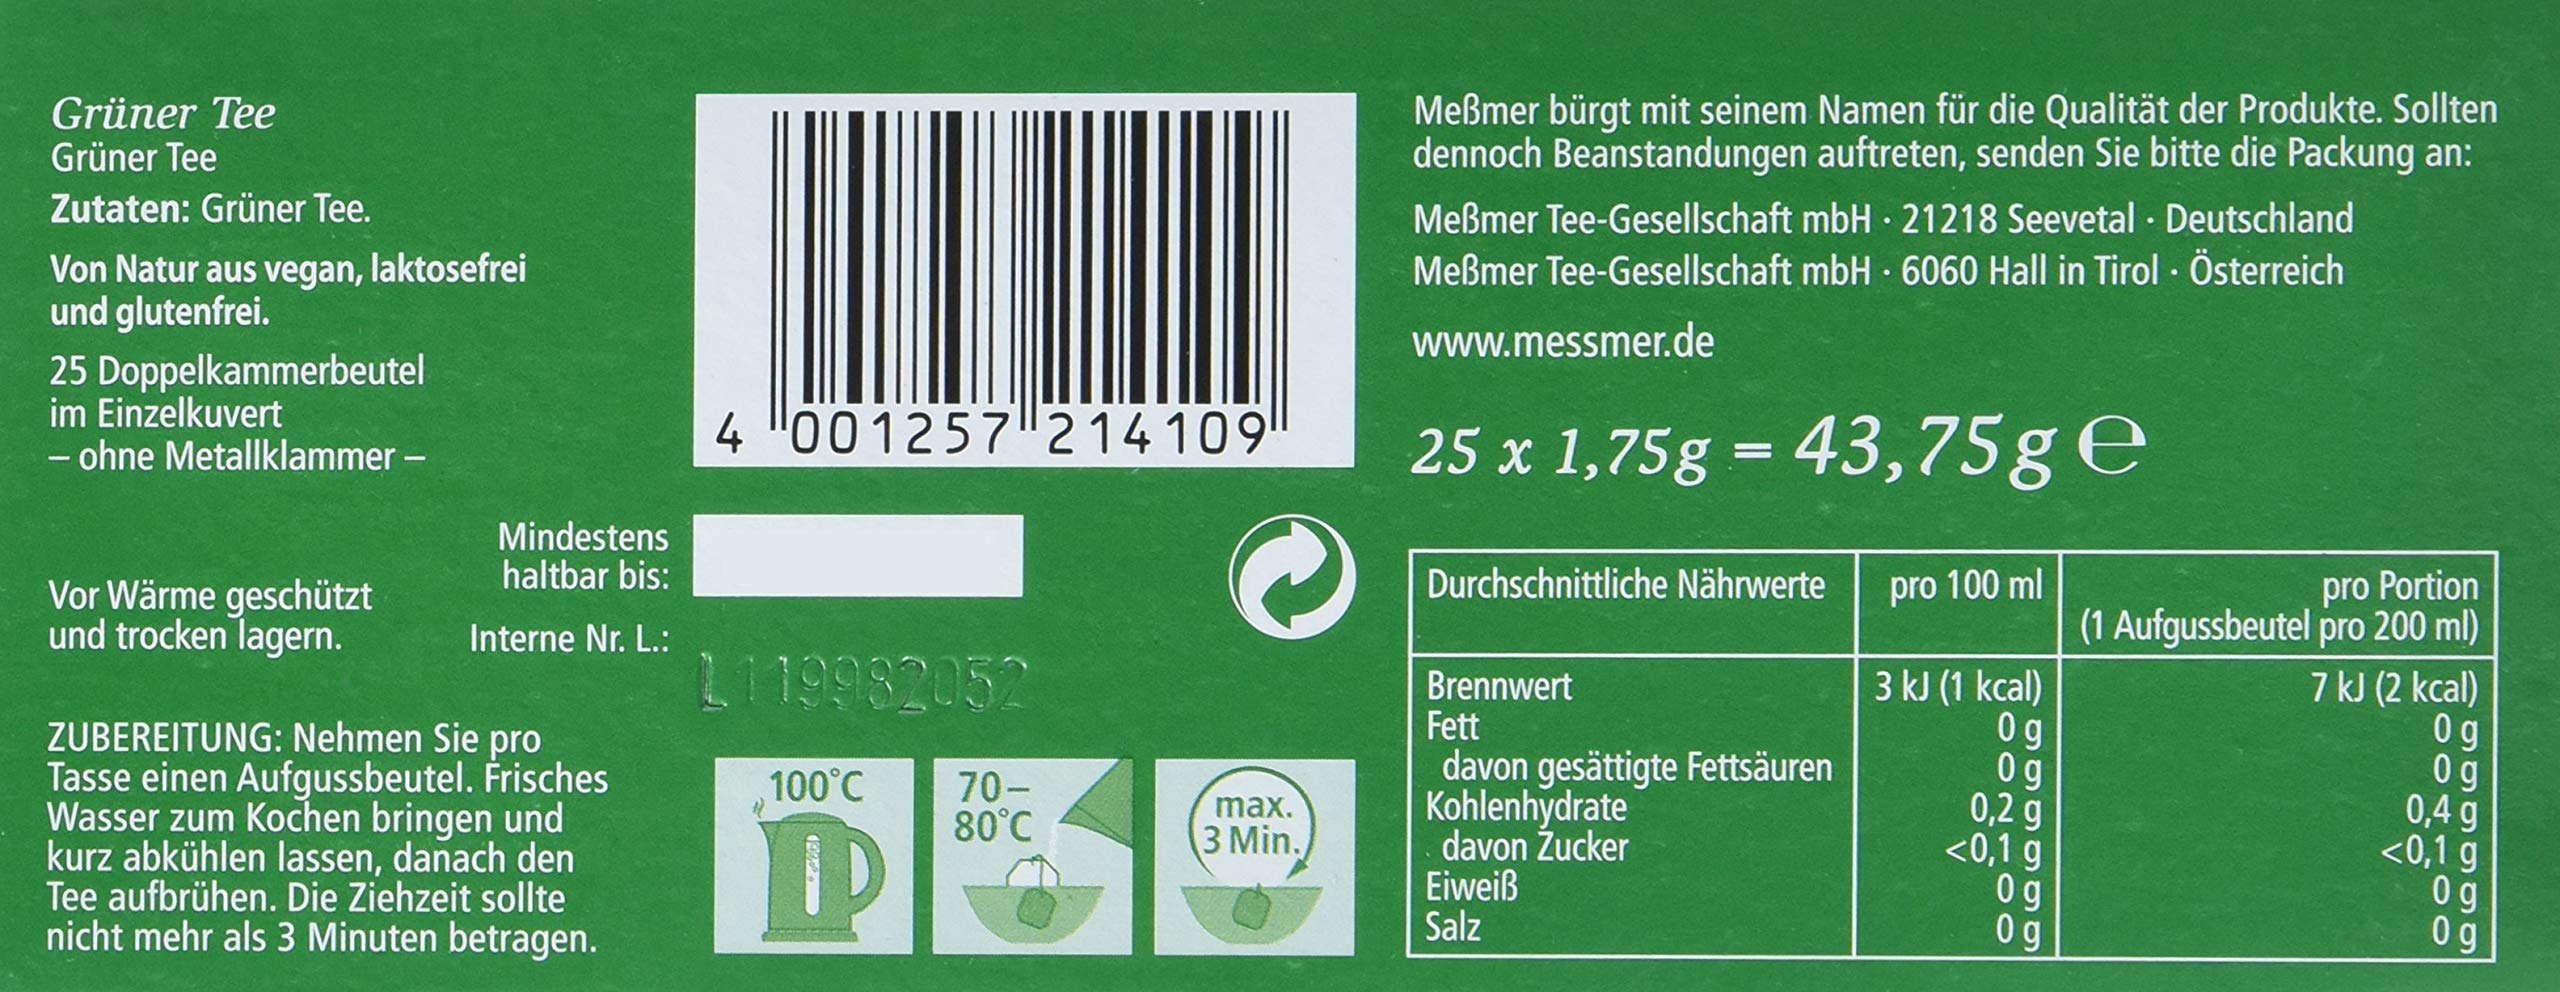 Memer-Grner-Tee-25-x-175-g-Schale